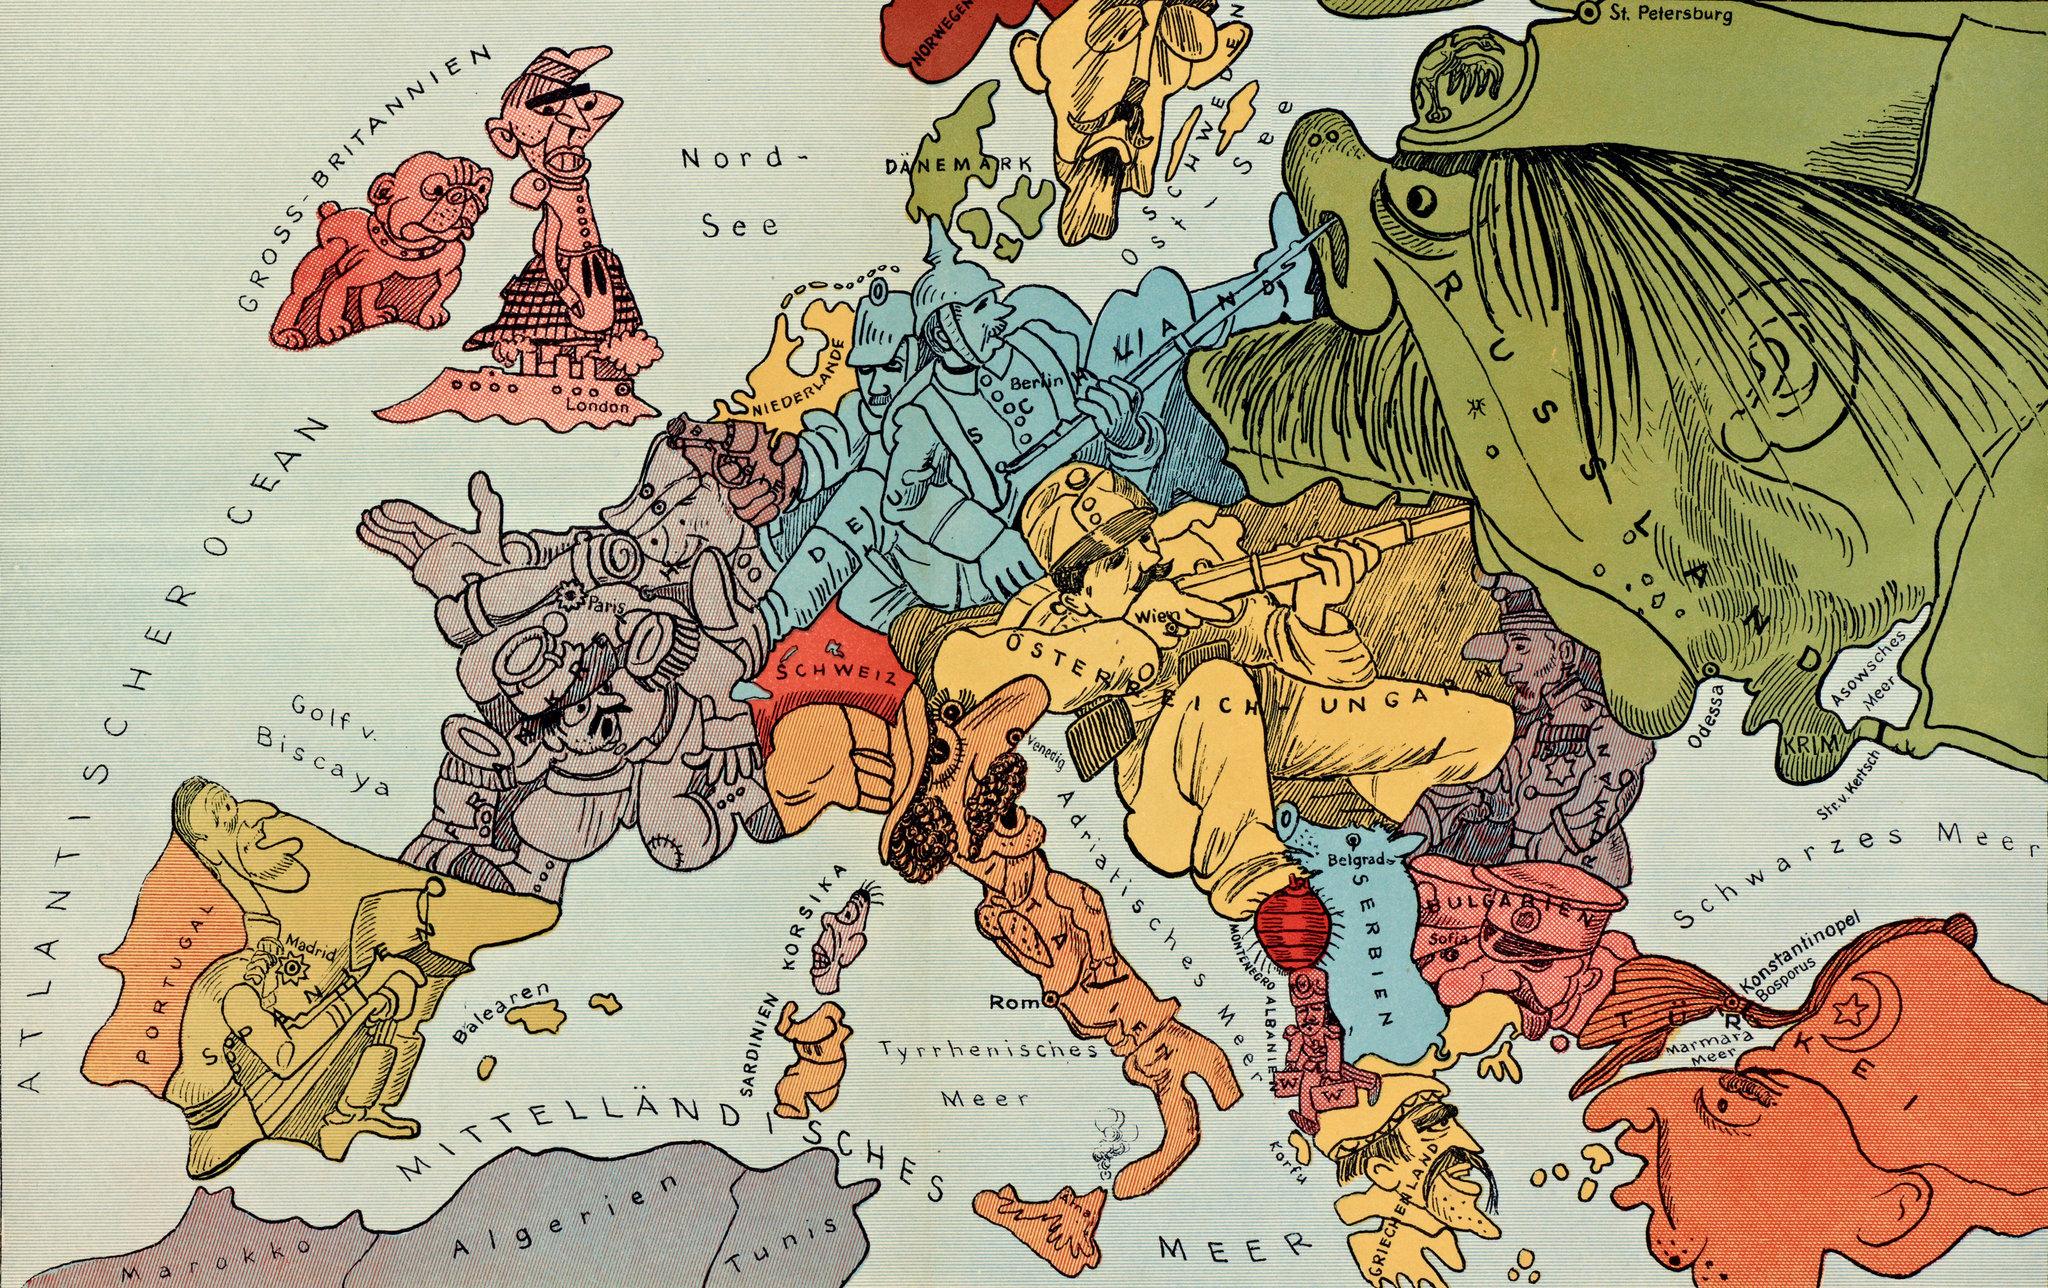 Origini dei flussi migratori uni info news - Mappa dell inghilterra per i bambini ...